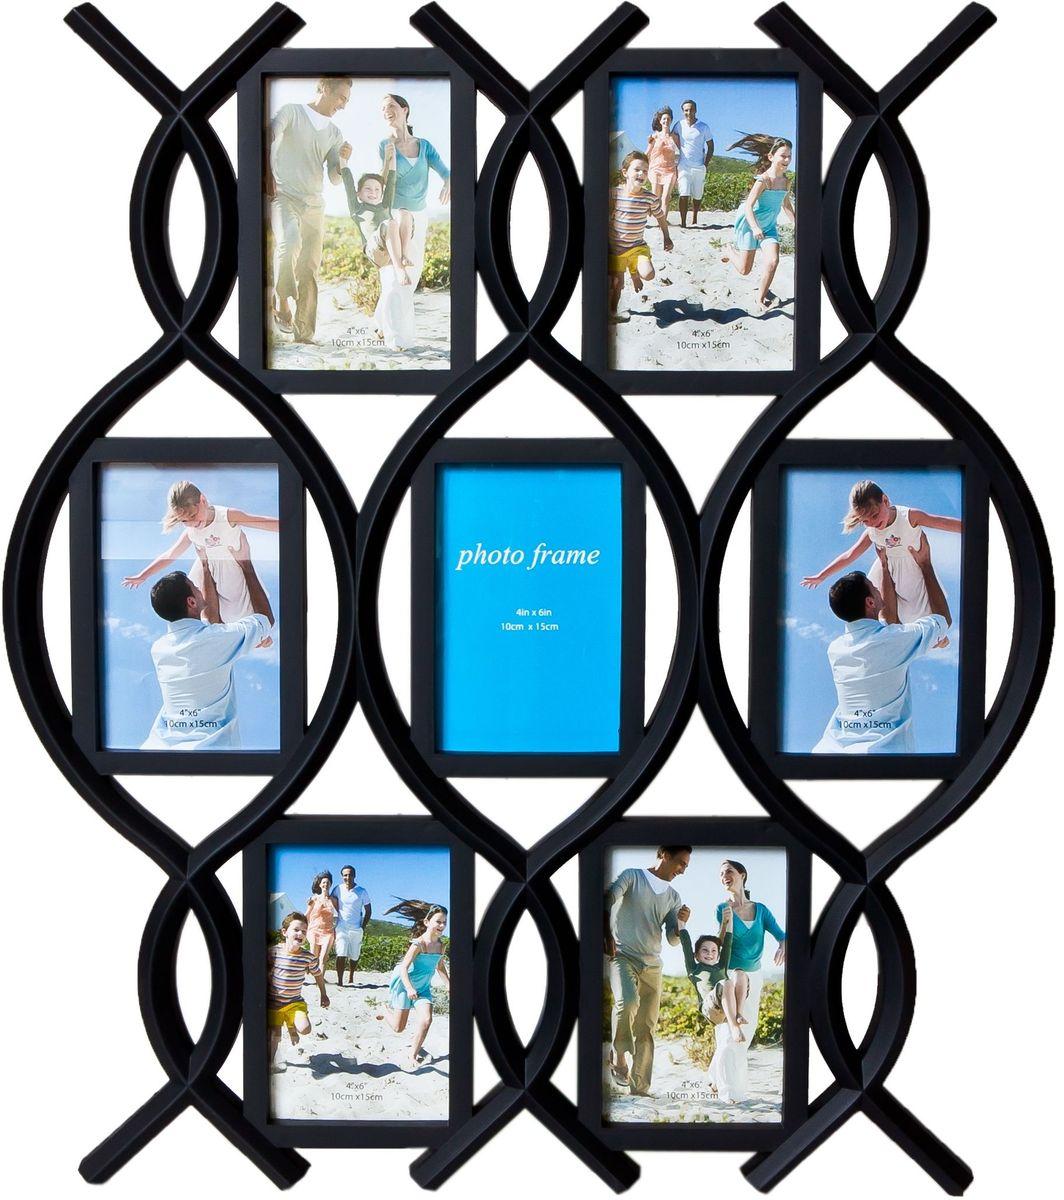 Фоторамка Platinum, цвет: черный, на 7 фото 10 х 15 см. BH-1407PLATINUM BH-1407-Black-ЧёрныйФоторамка Platinum - прекрасный способ красиво оформить ваши фотографии. Фоторамка выполнена из пластика и защищена стеклом.Фоторамка-коллаж представляет собой семь фоторамок для фото одного размера оригинально соединенных между собой. Такая фоторамка поможет сохранить в памяти самые яркие моменты вашей жизни, а стильный дизайн сделает ее прекрасным дополнением интерьера комнаты.Фоторамка подходит для фотографий 10 х 15 см. Общий размер фоторамки: 51 х 58 см.